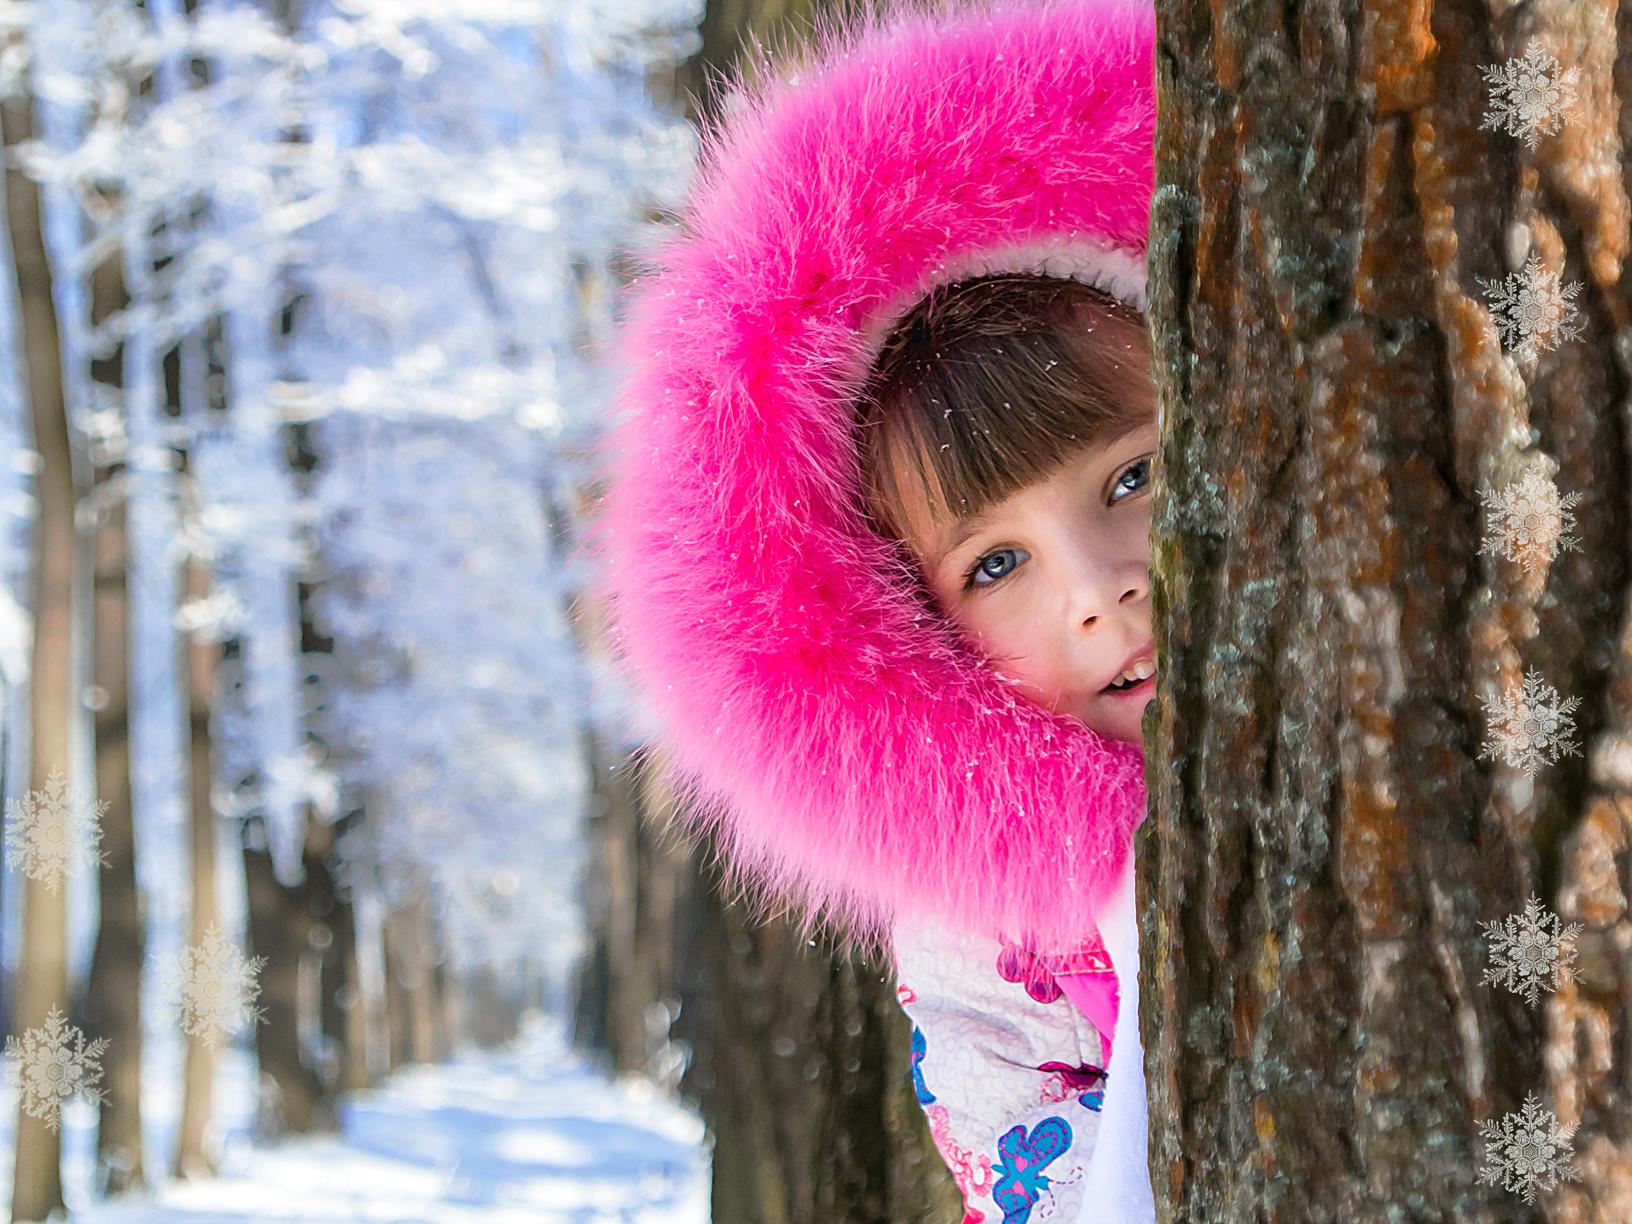 #фотосессия, #детская_фотосессия, #детская_фотосъёмка, #фотограф, #детский_фотограф, #фотосессия_на_природе, #фотограф_минск, #зима, #природа, #растения, #зима